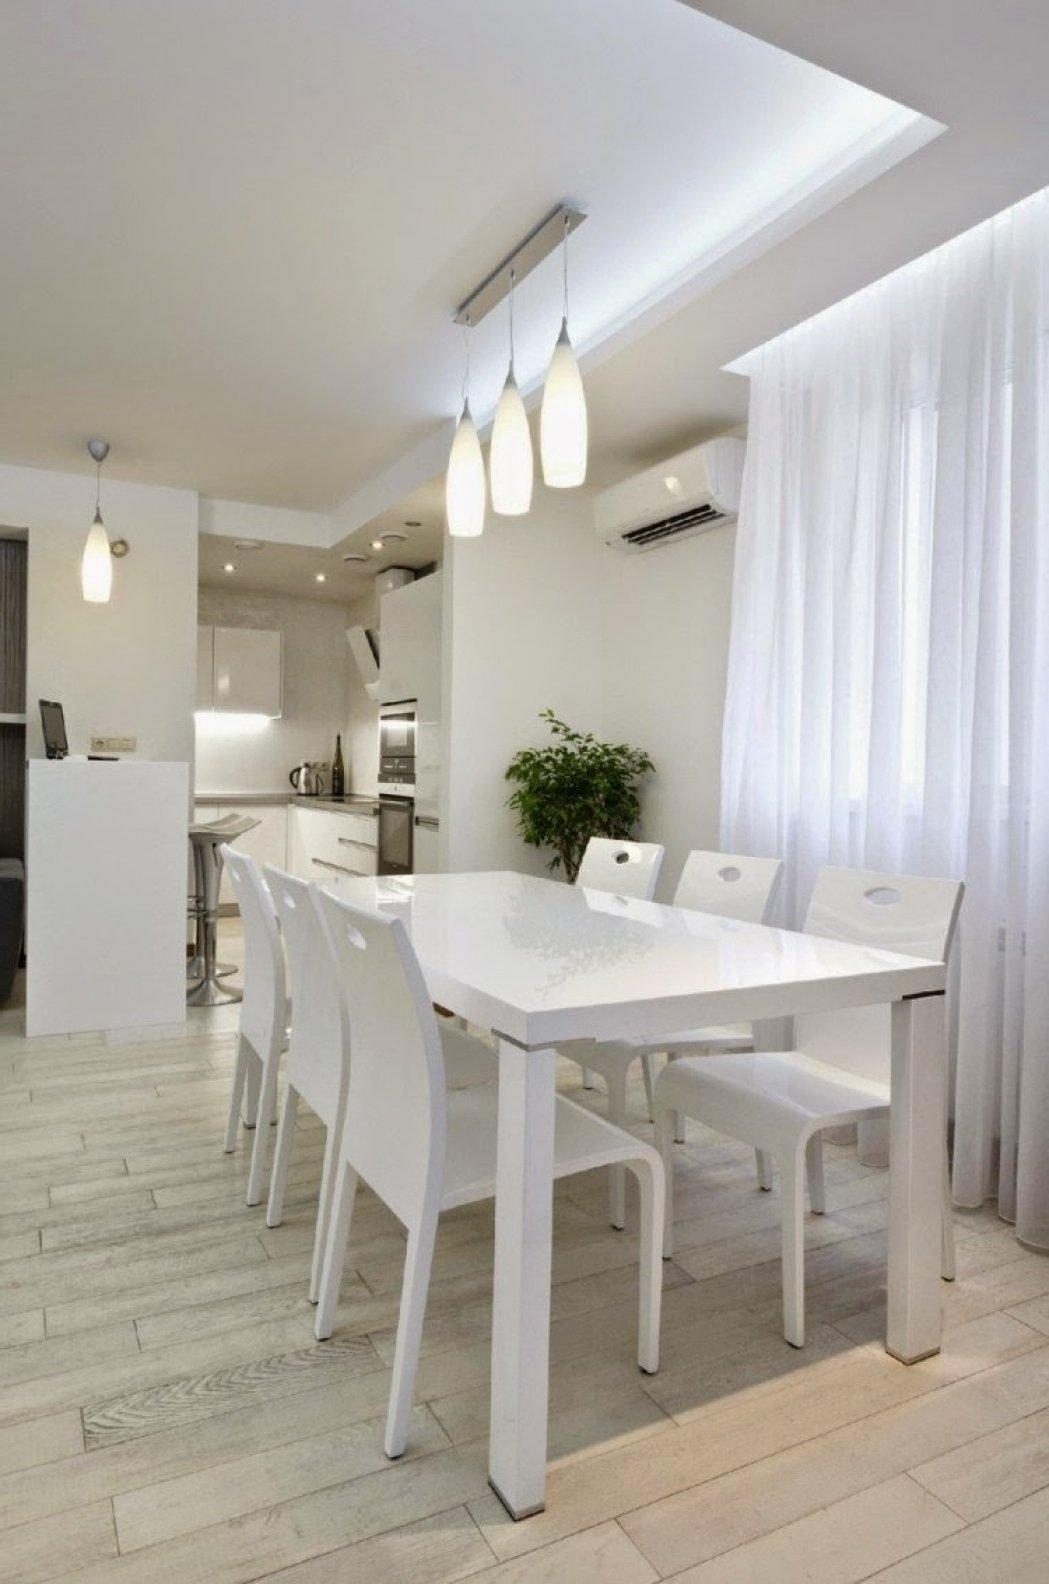 Küche in Weiss mit indirekter Beleuchtung